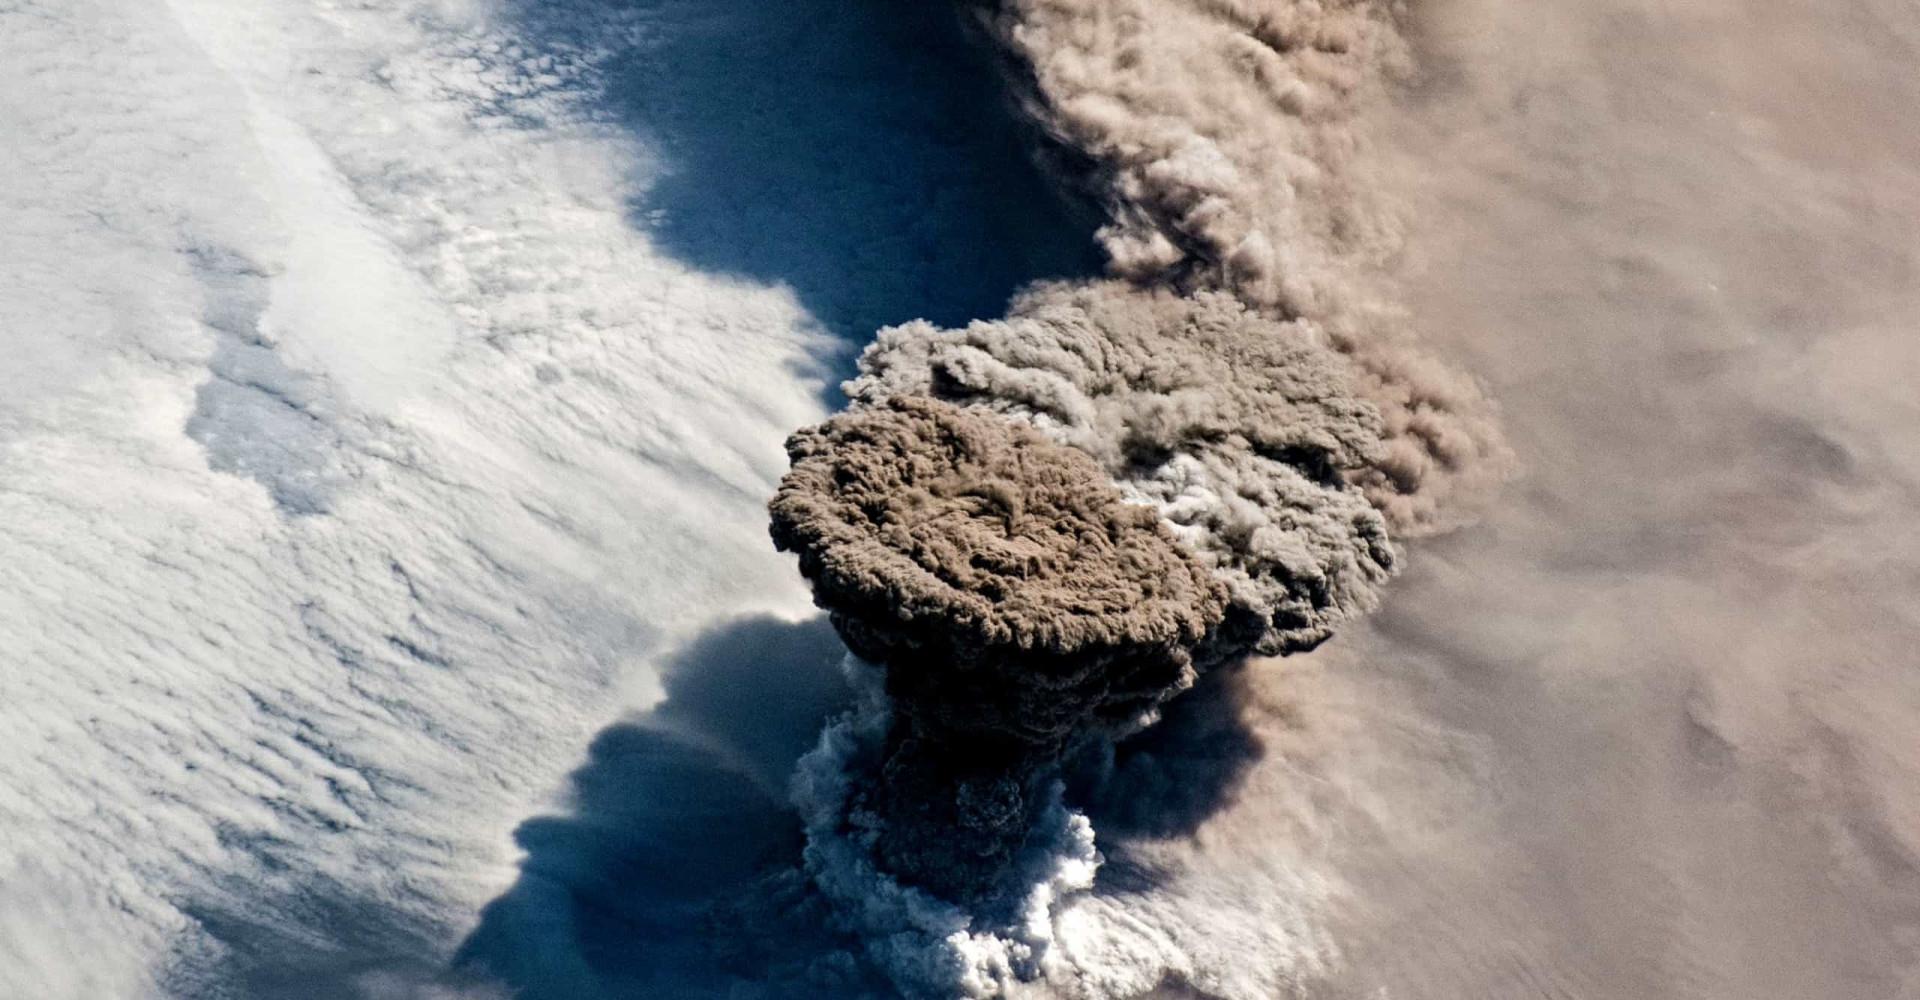 2019년, 전세계적으로 발생한 끔찍한 자연 재해